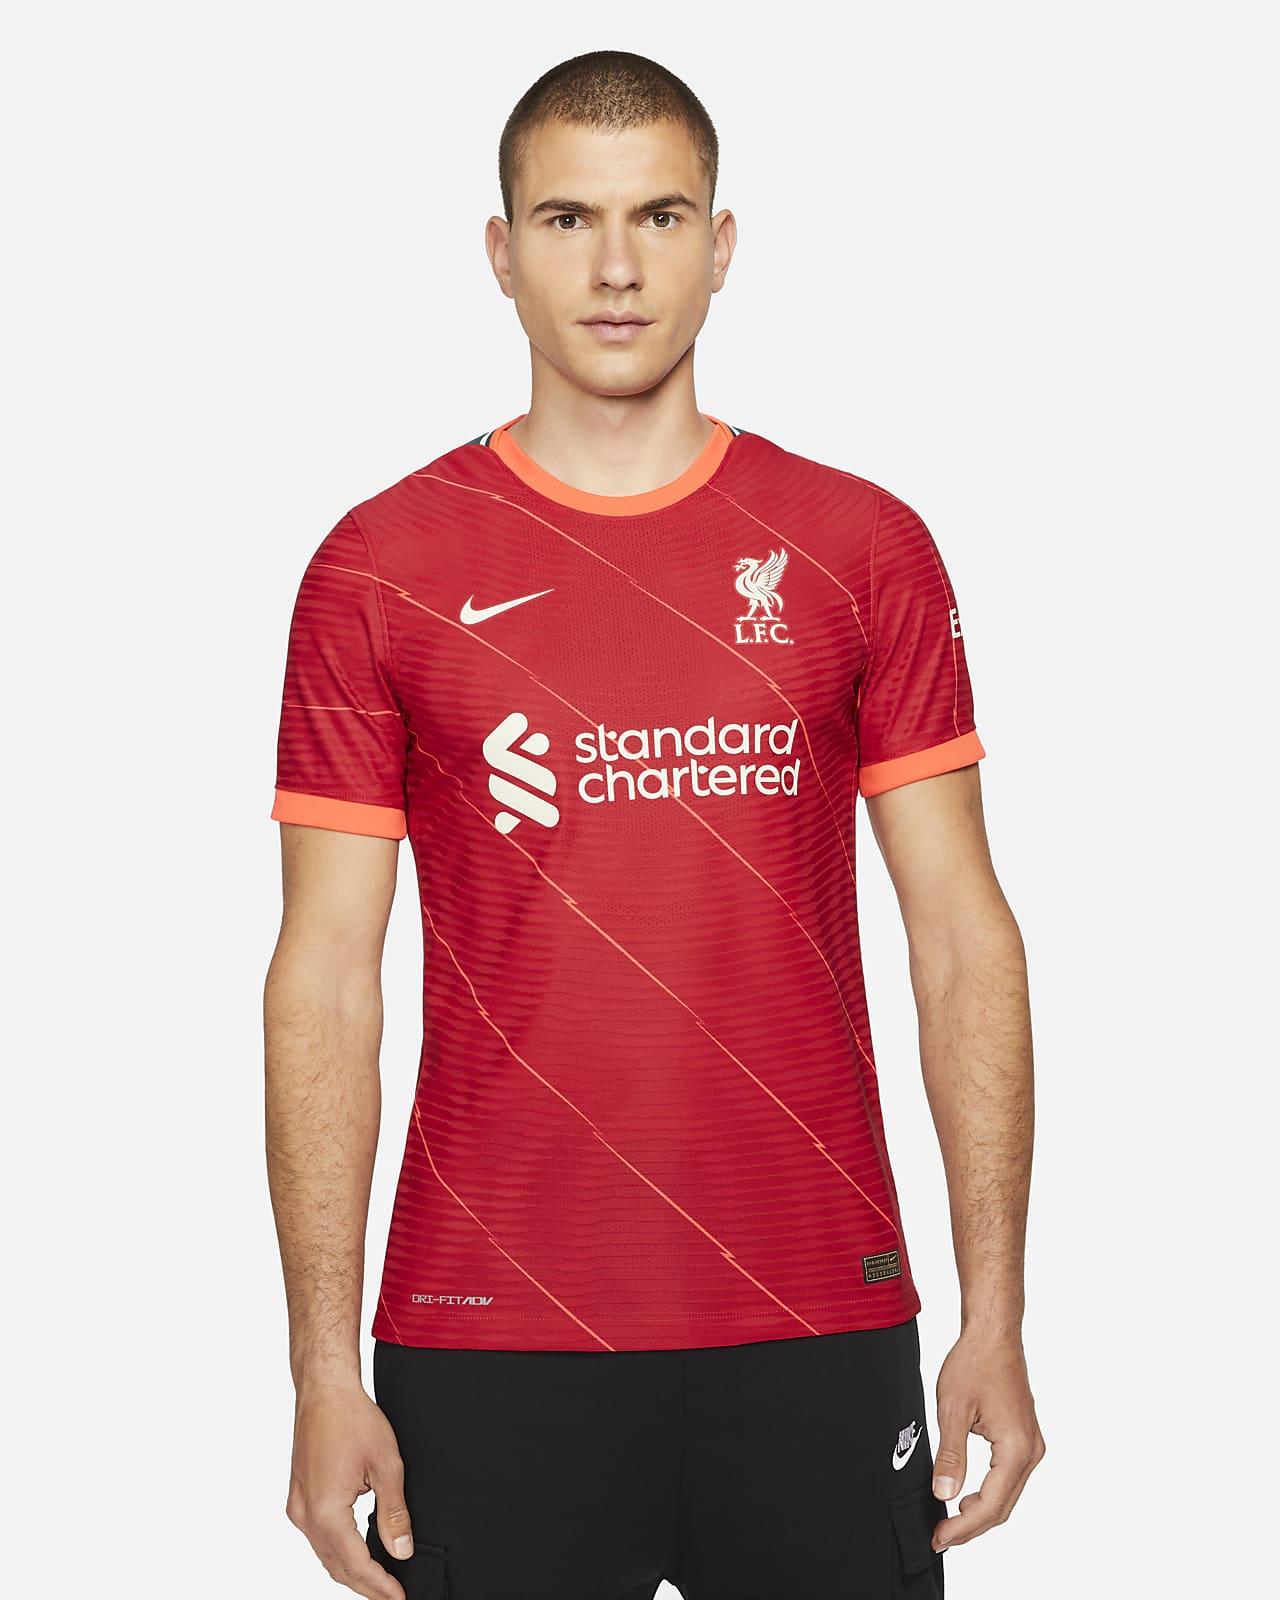 Liverpool FC 2021/22 Match Thuis Nike ADV voetbalshirt met Dri-FIT voor heren